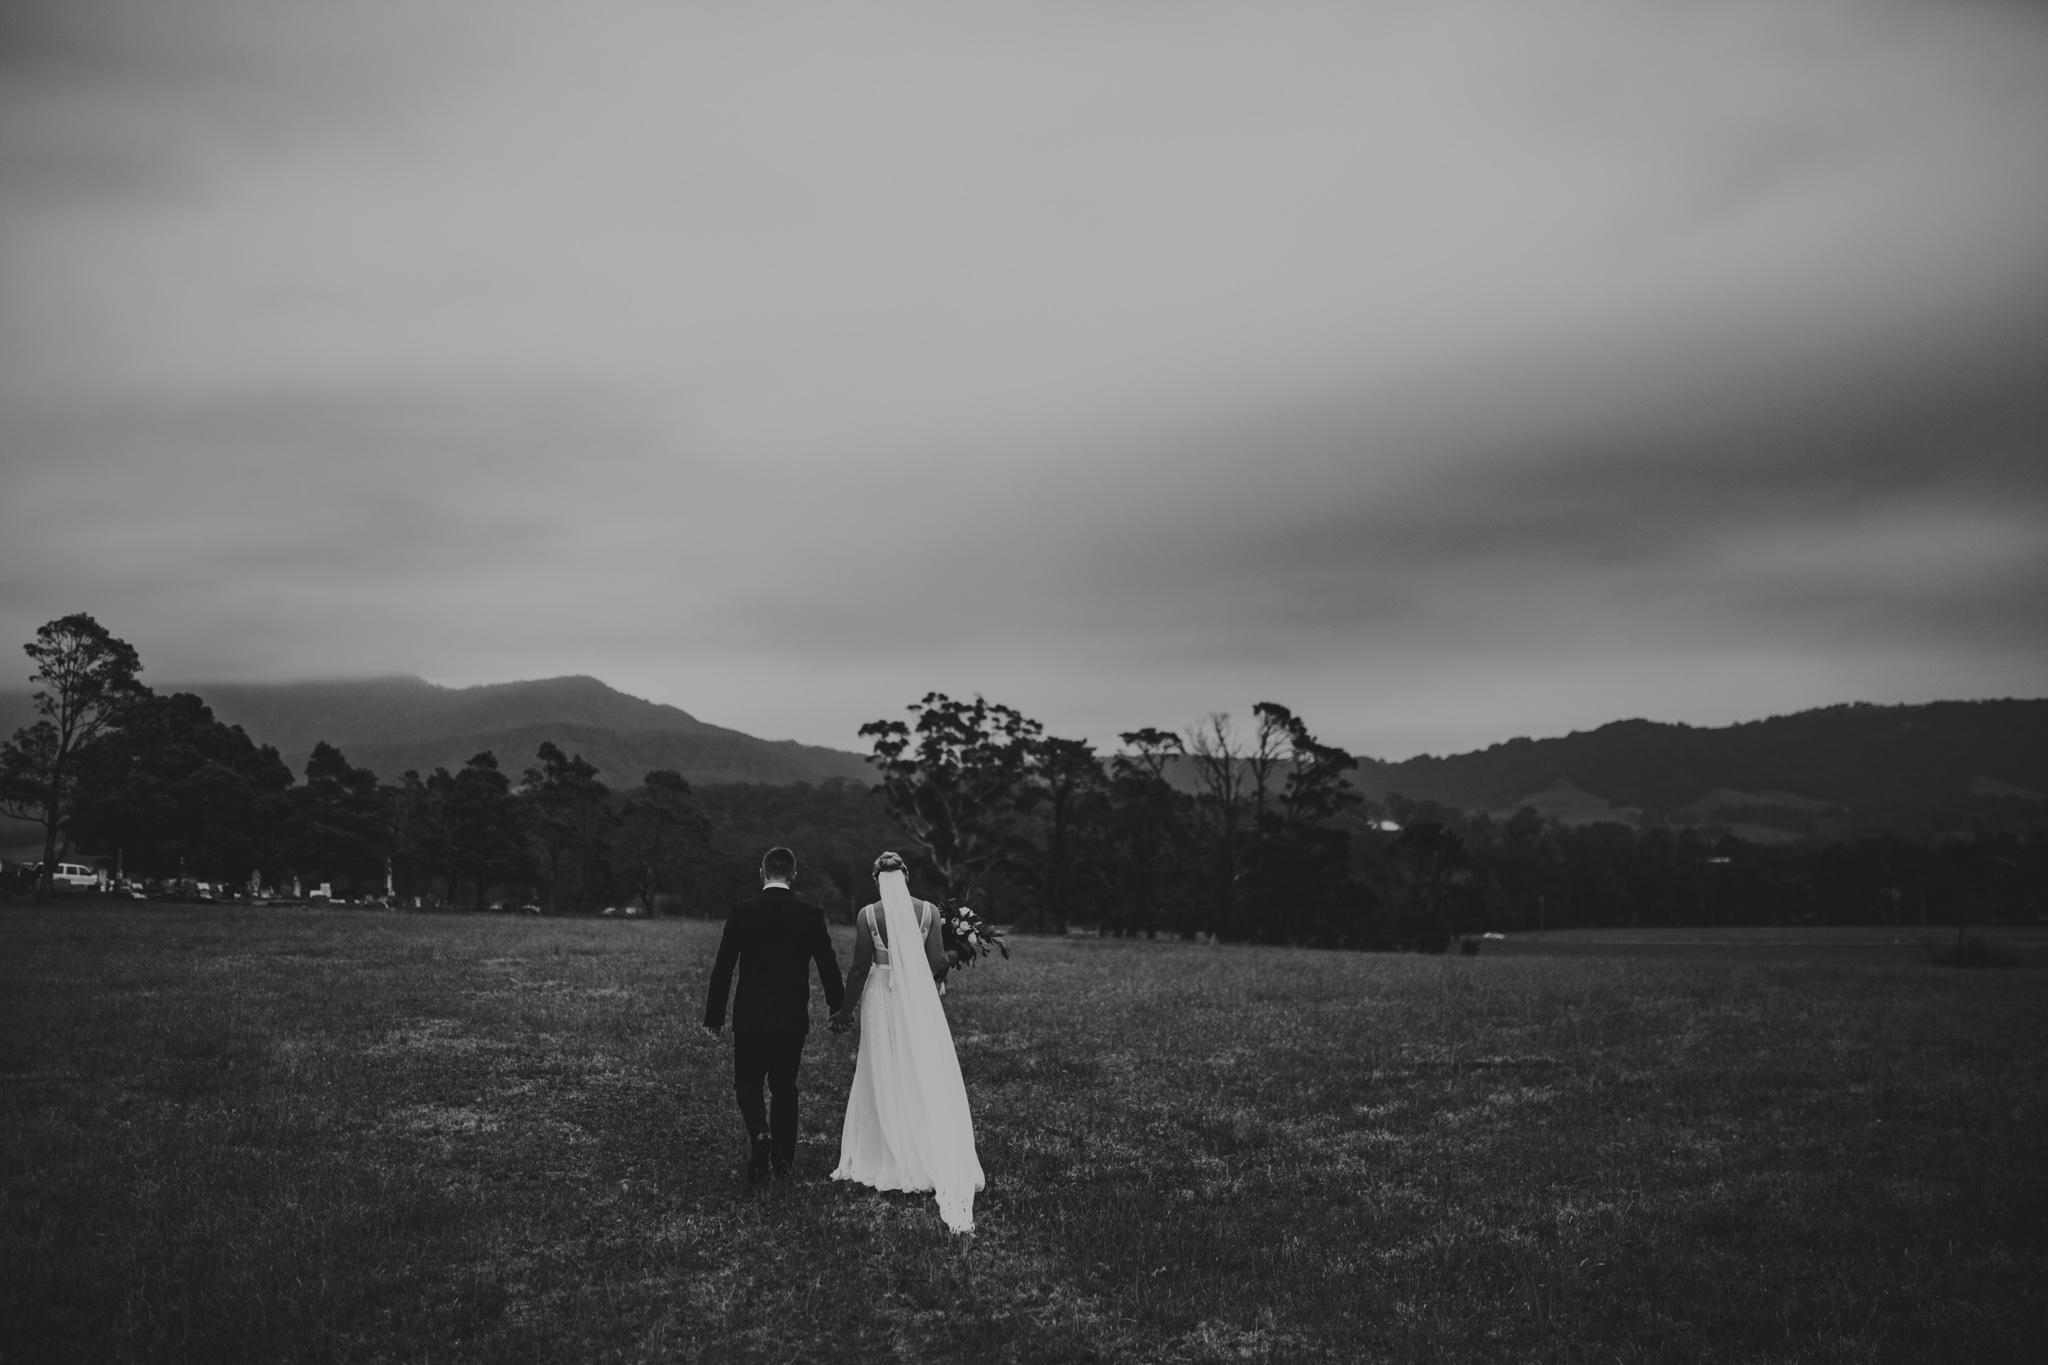 Lucy+Kyle+Kiama+Sebel+wedding-94.jpg